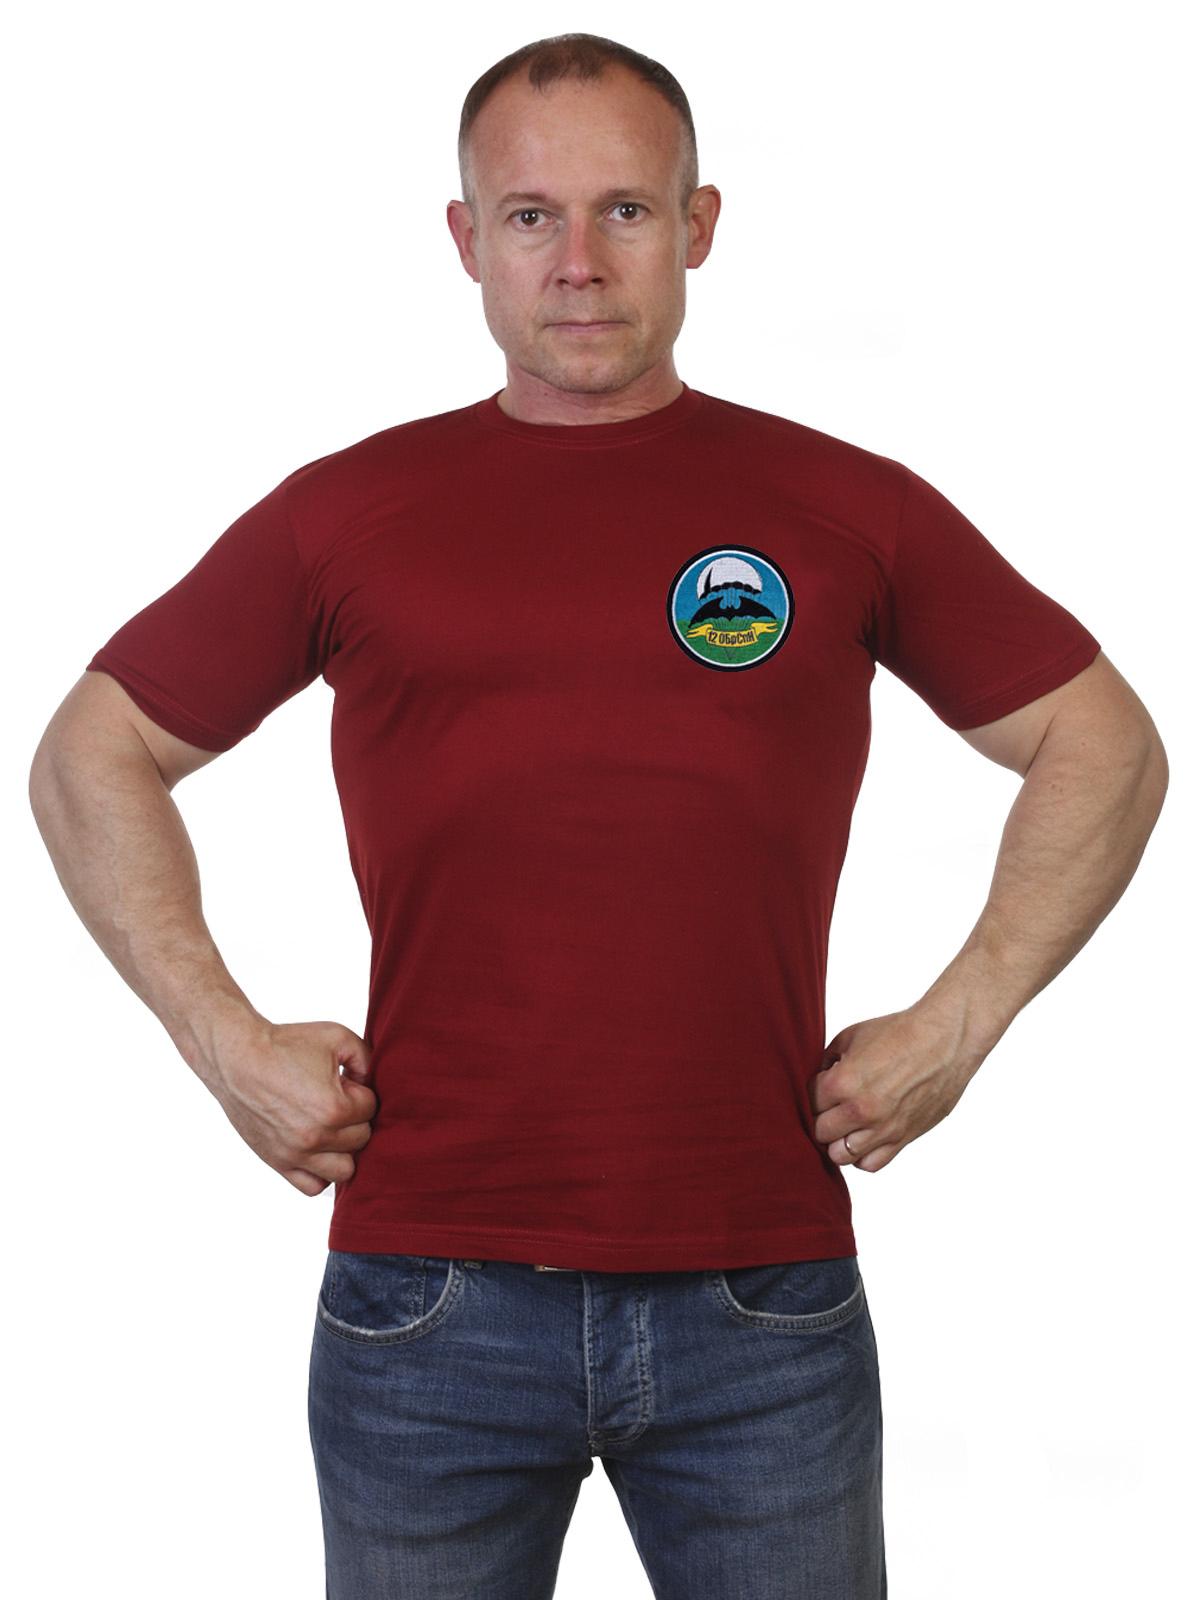 Купить в интернет магазине футболку 12 ОБрСпН